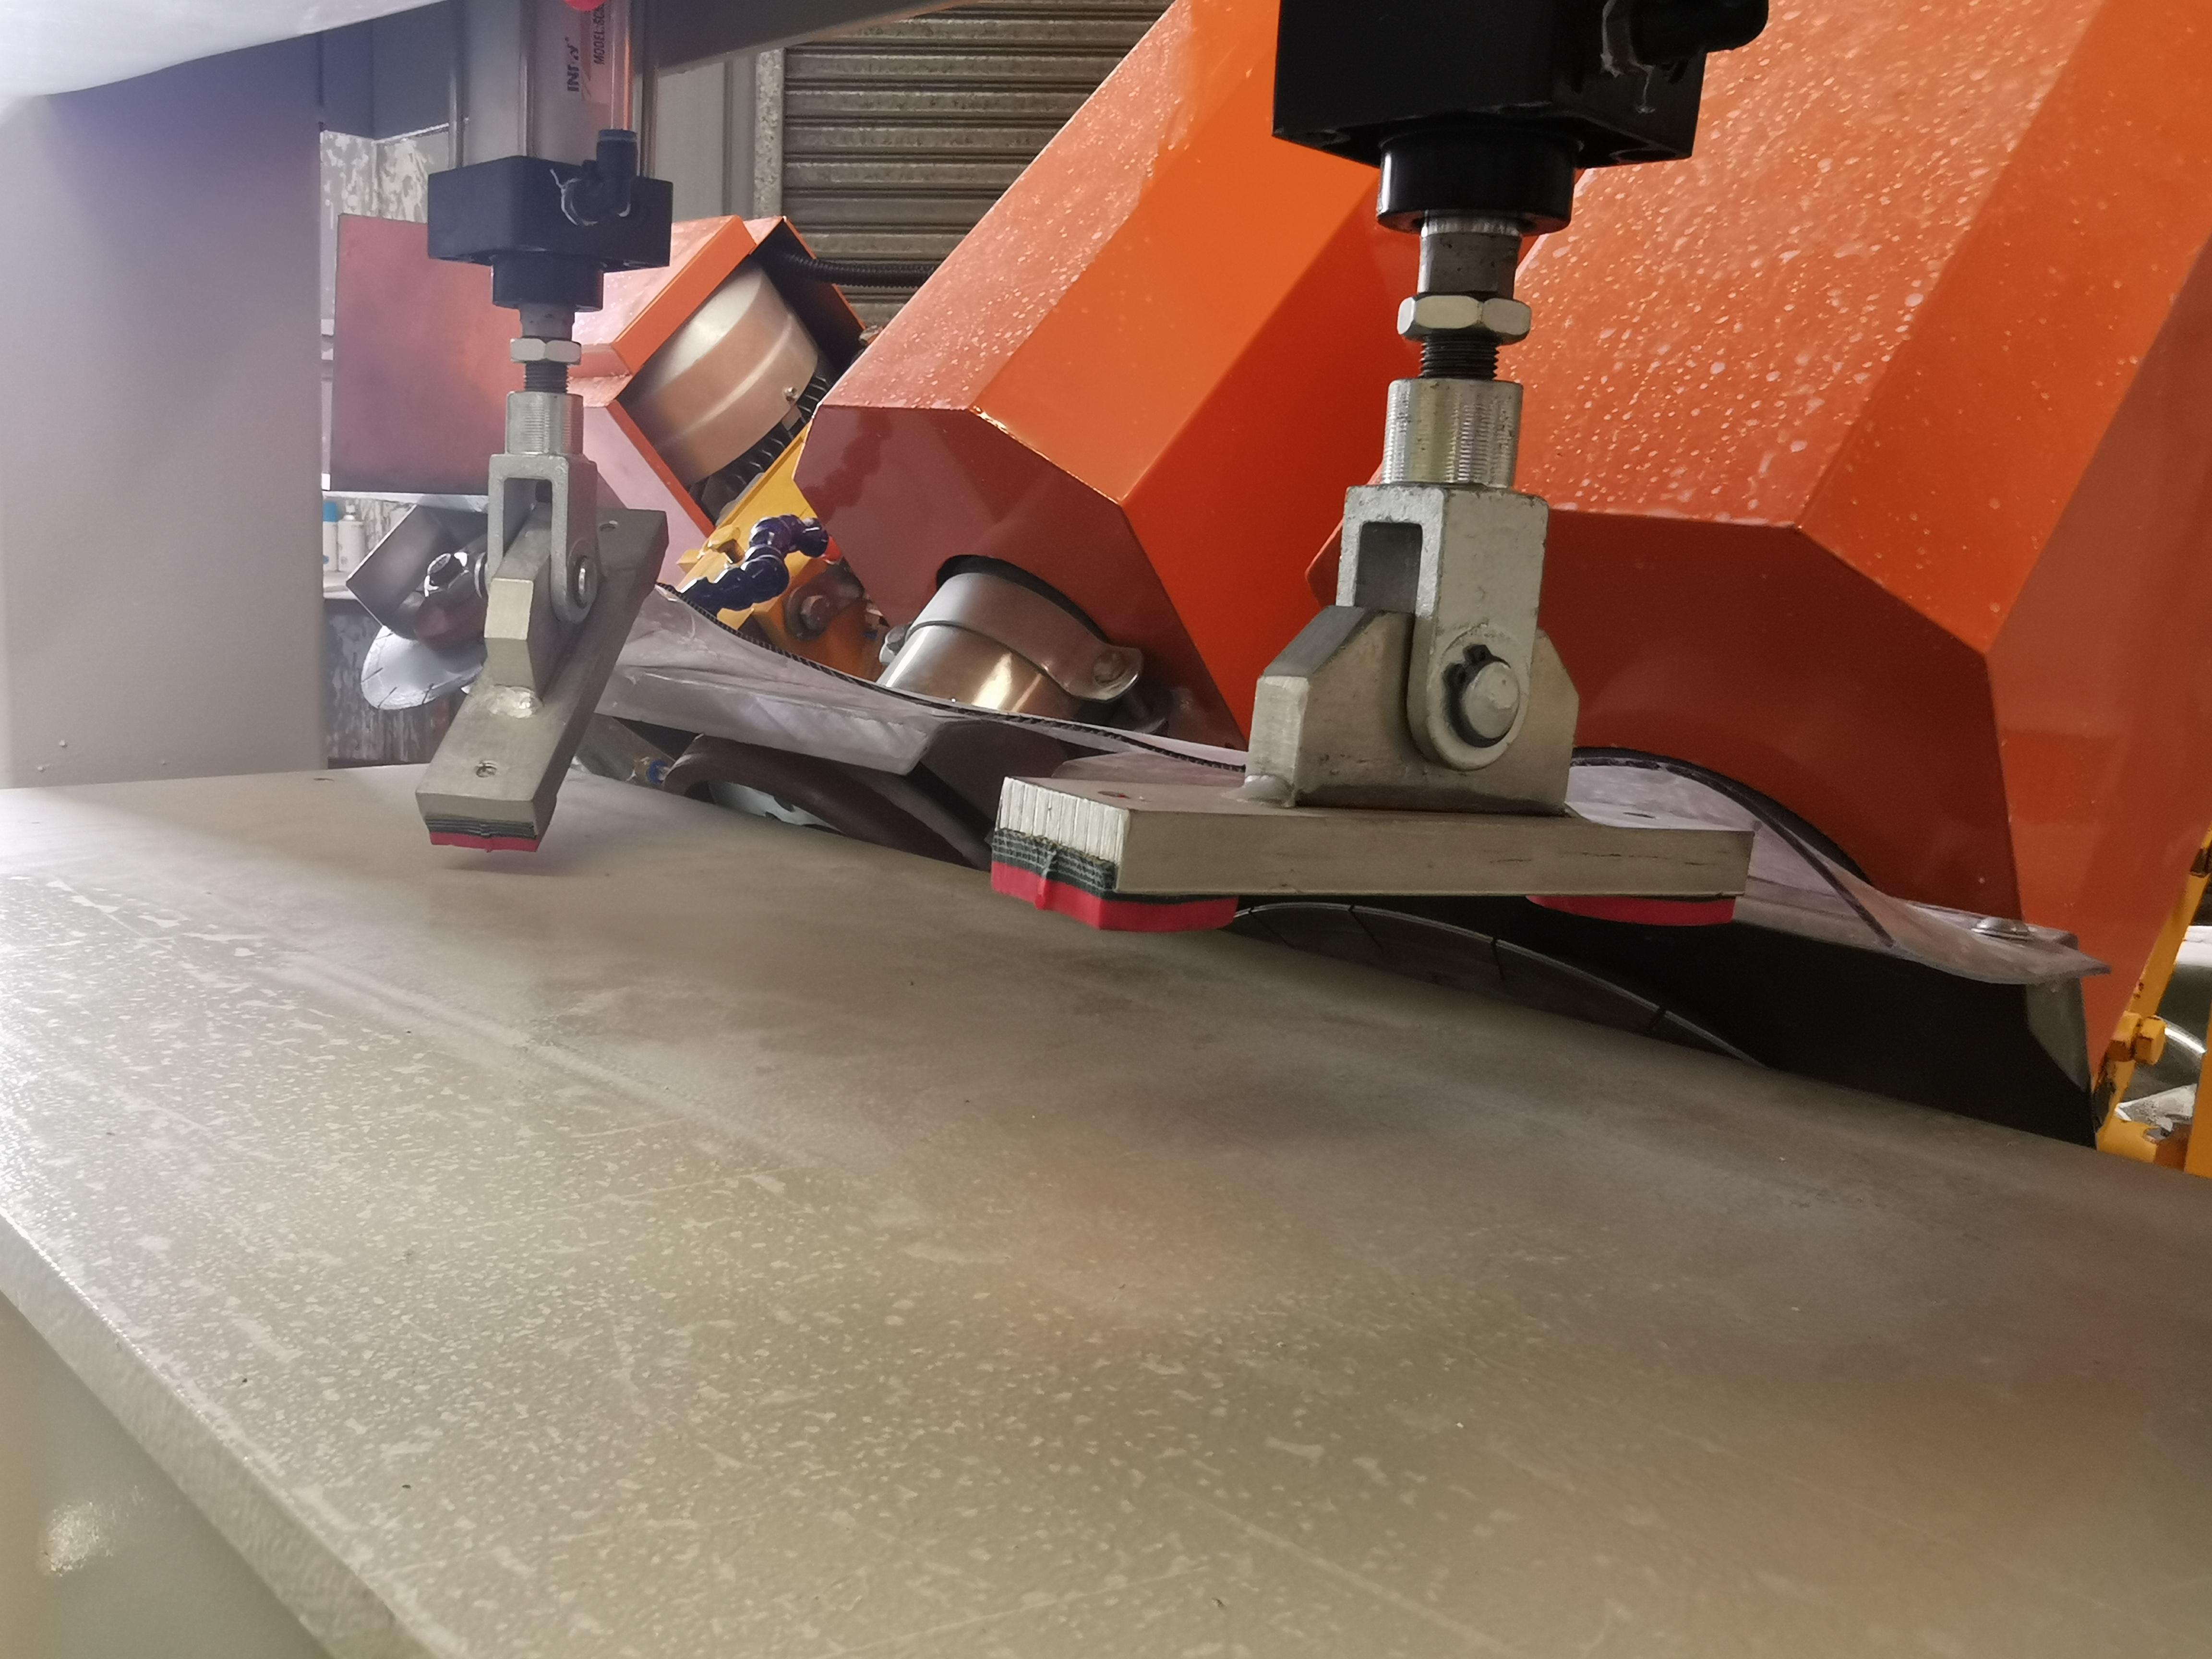 岩板倒角机改款型 实现倒角切割加边角开槽 让技术改变生活